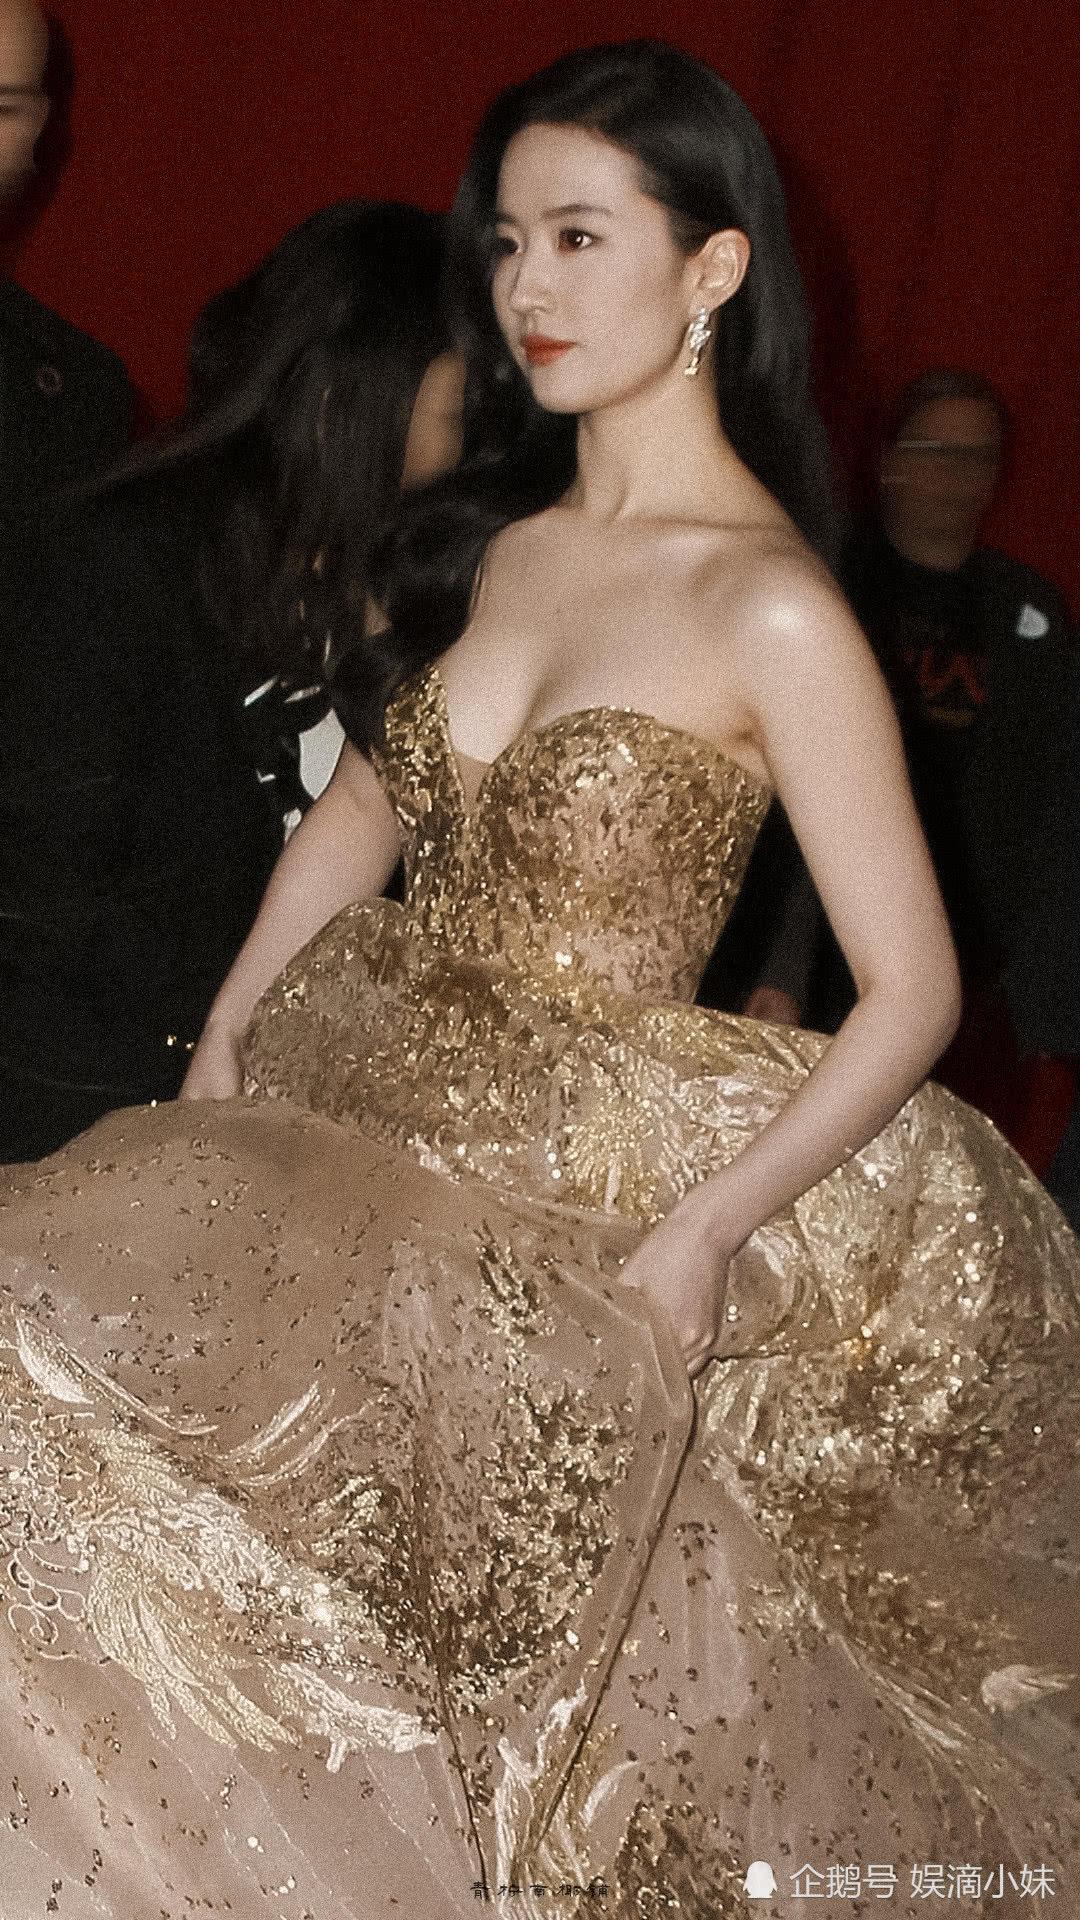 刘亦菲现身《花木兰》首映,身材发福,网友热议:还是曾经的神仙姐姐吗?